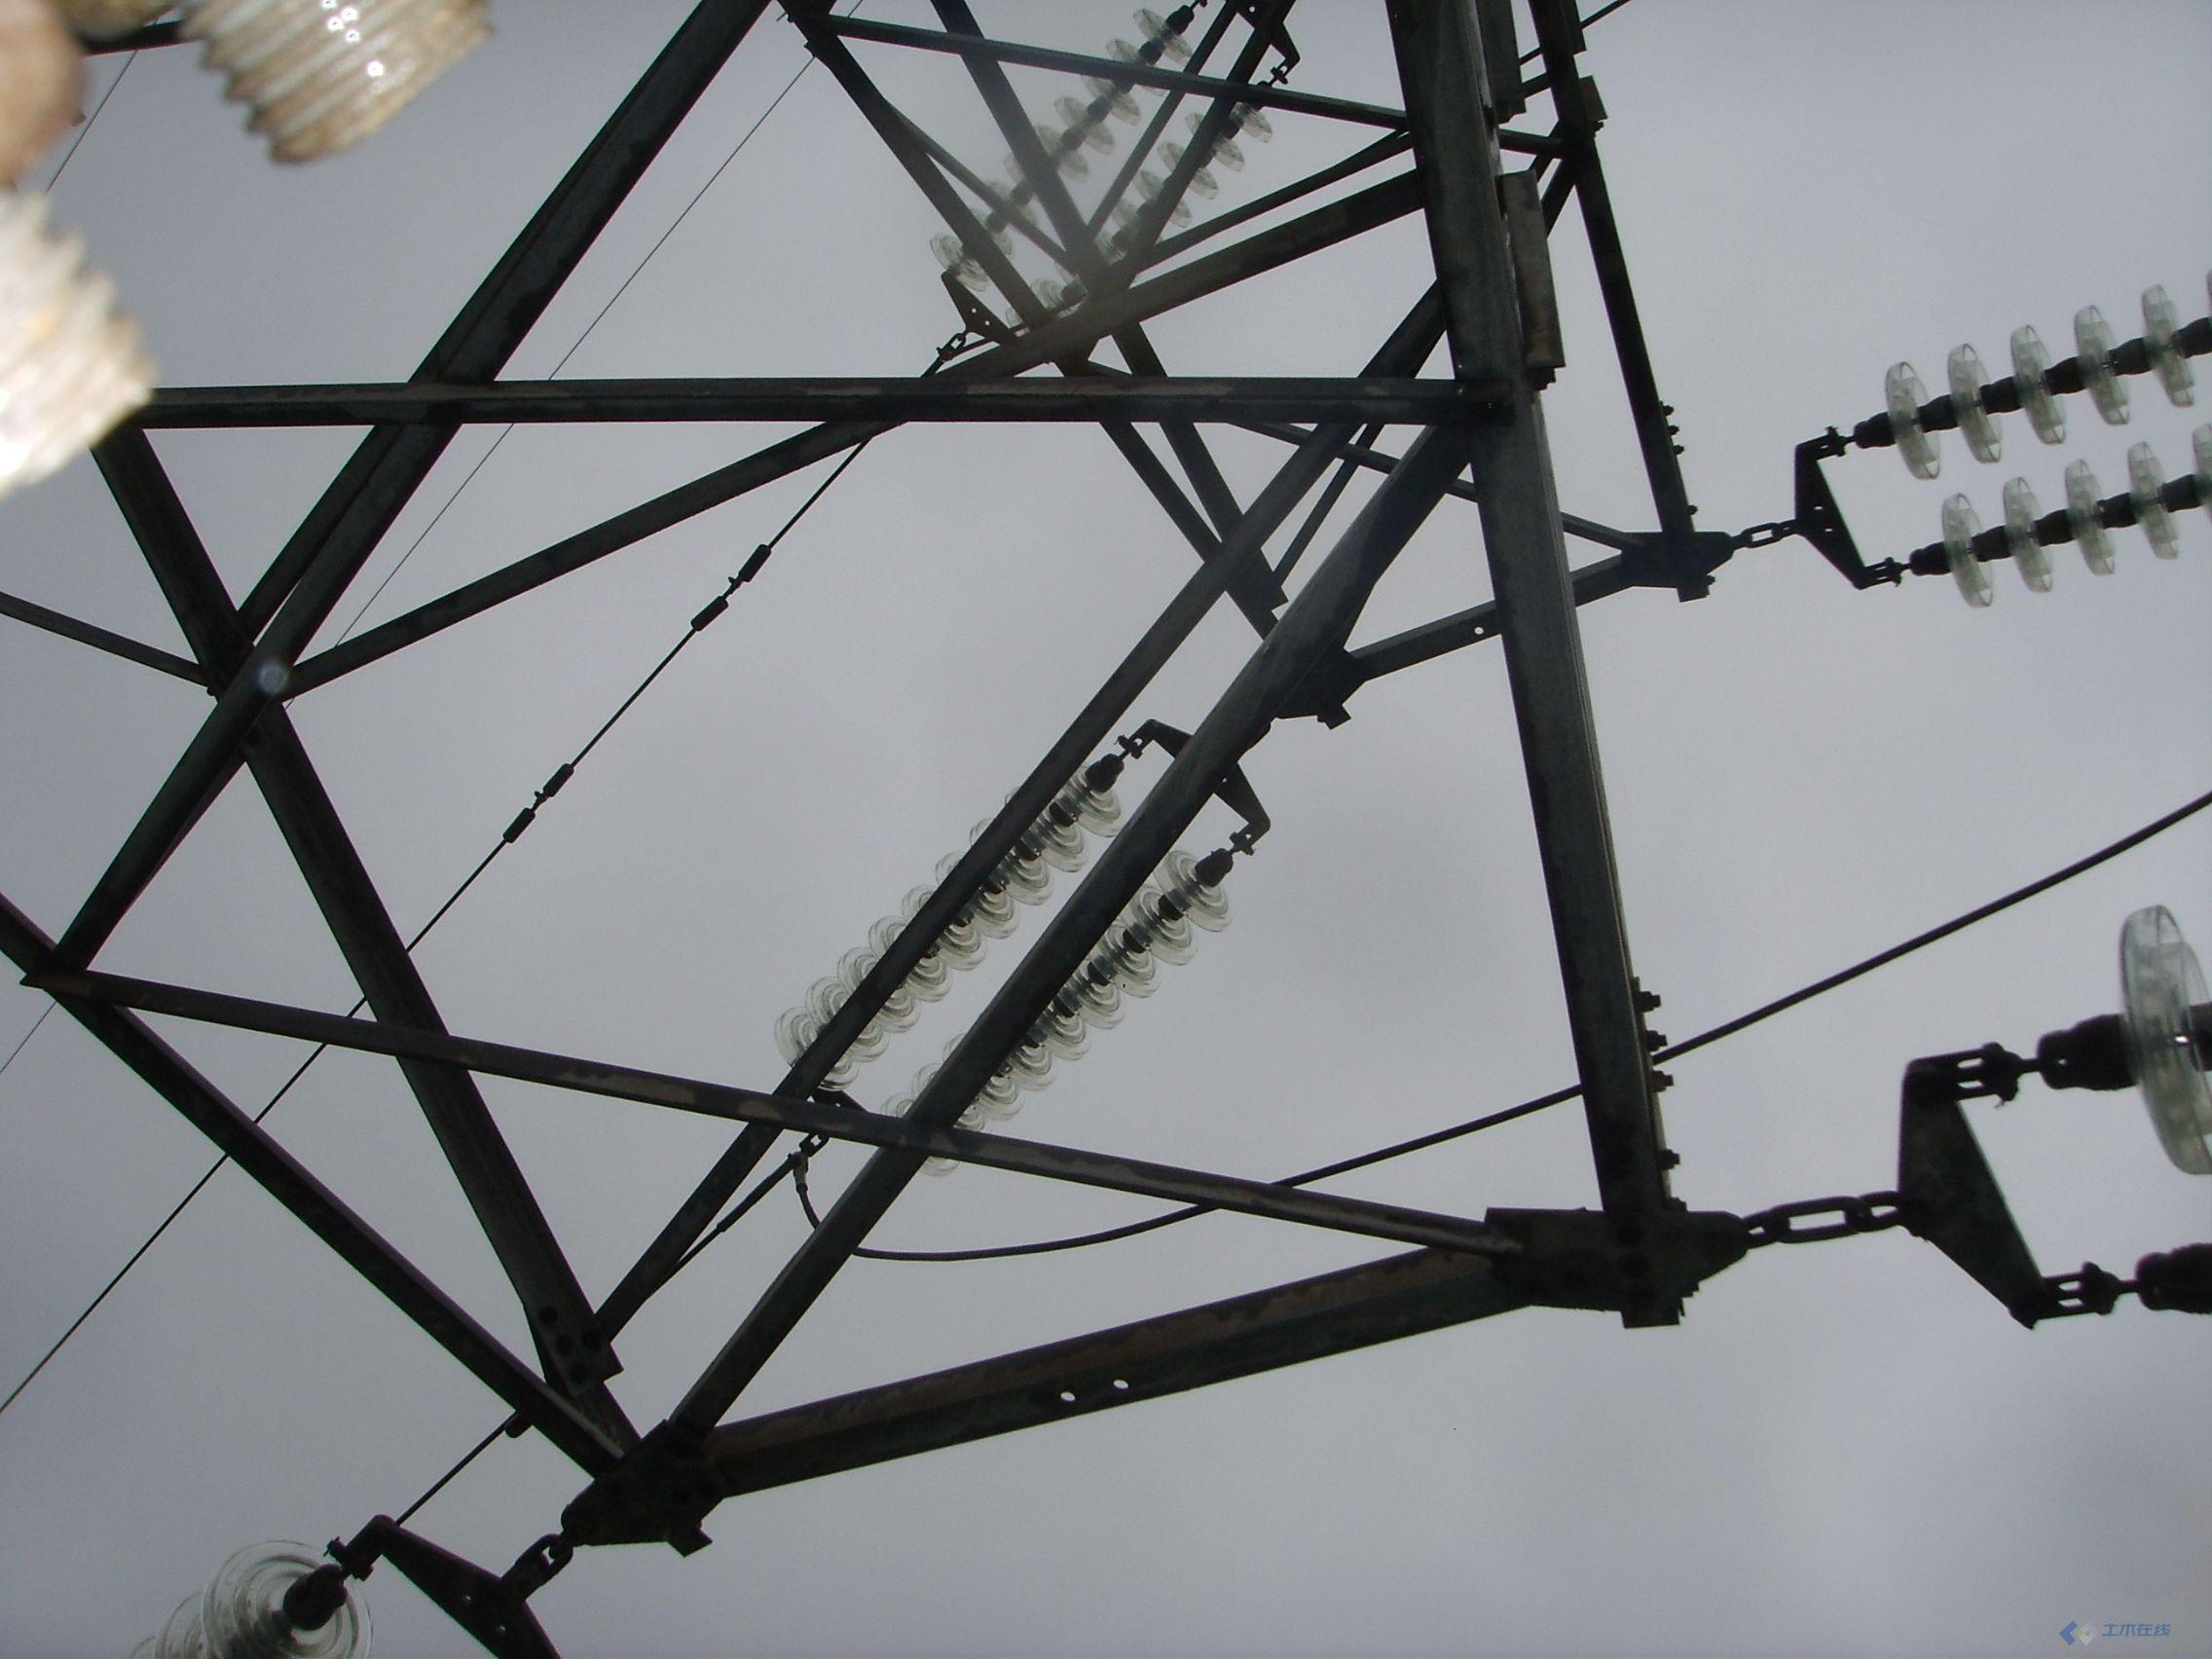 110kiv架空线的图片 高清图片